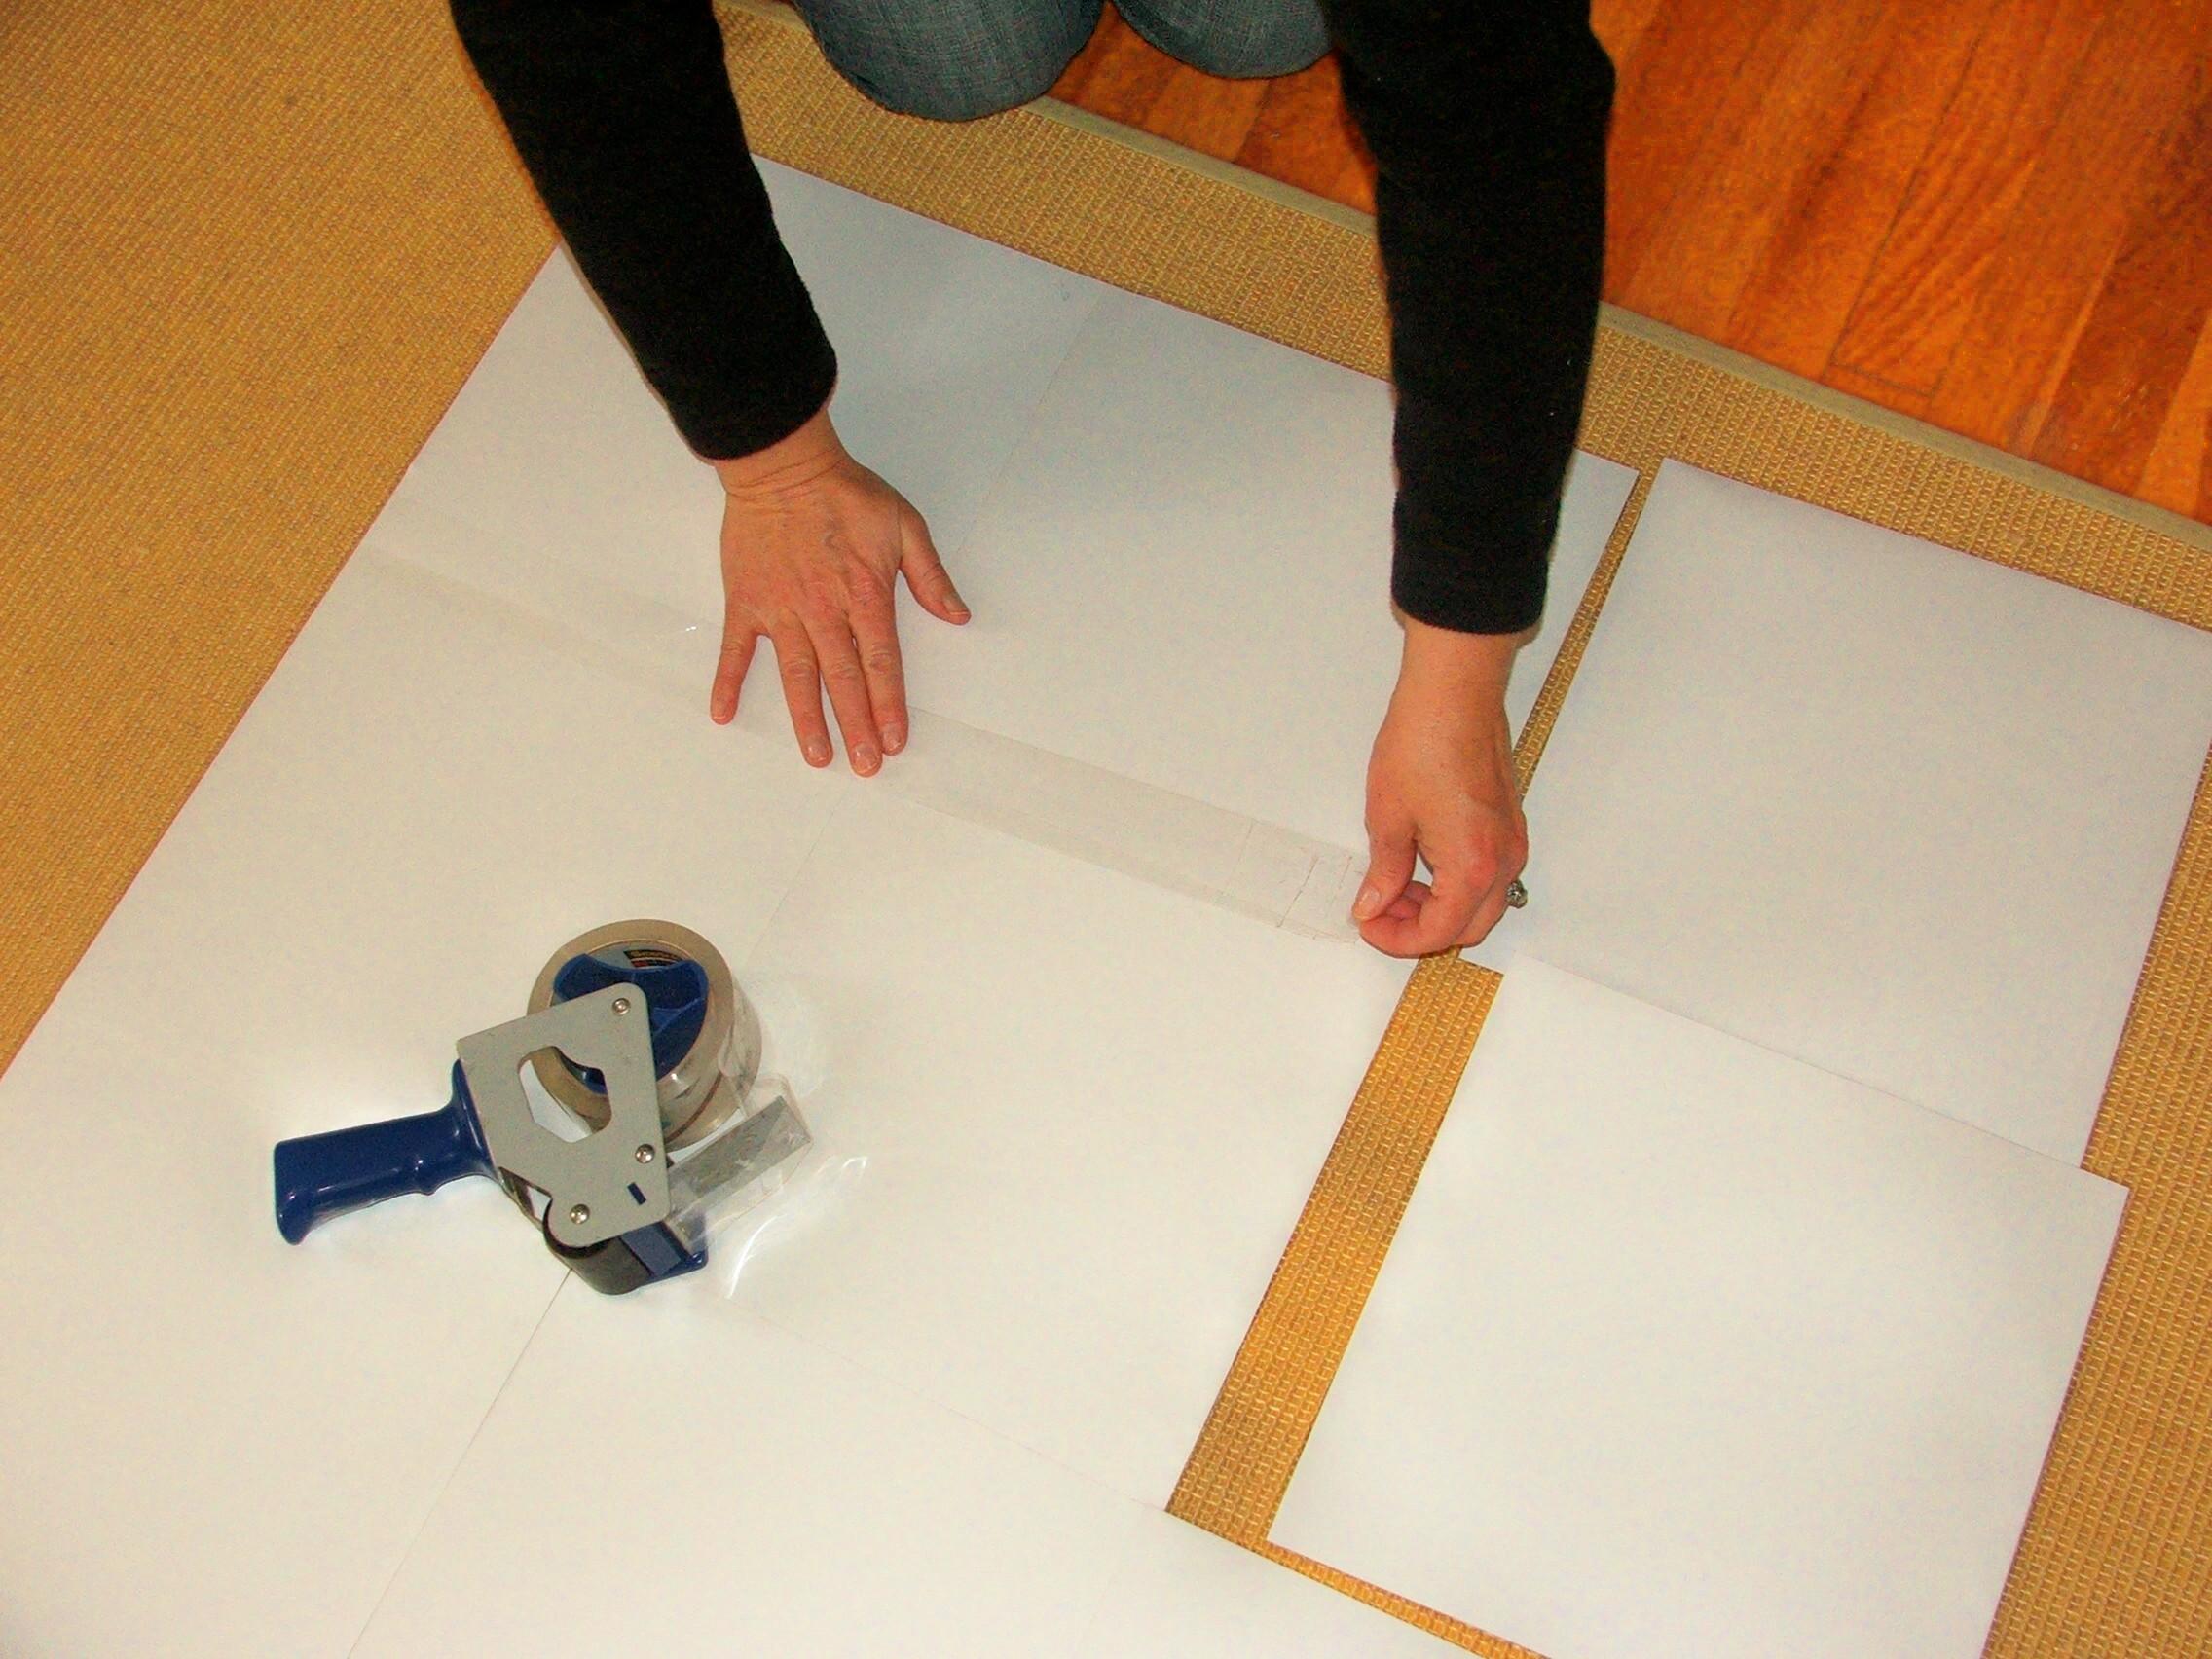 How to make homemade wallpaper for Homemade wallpaper